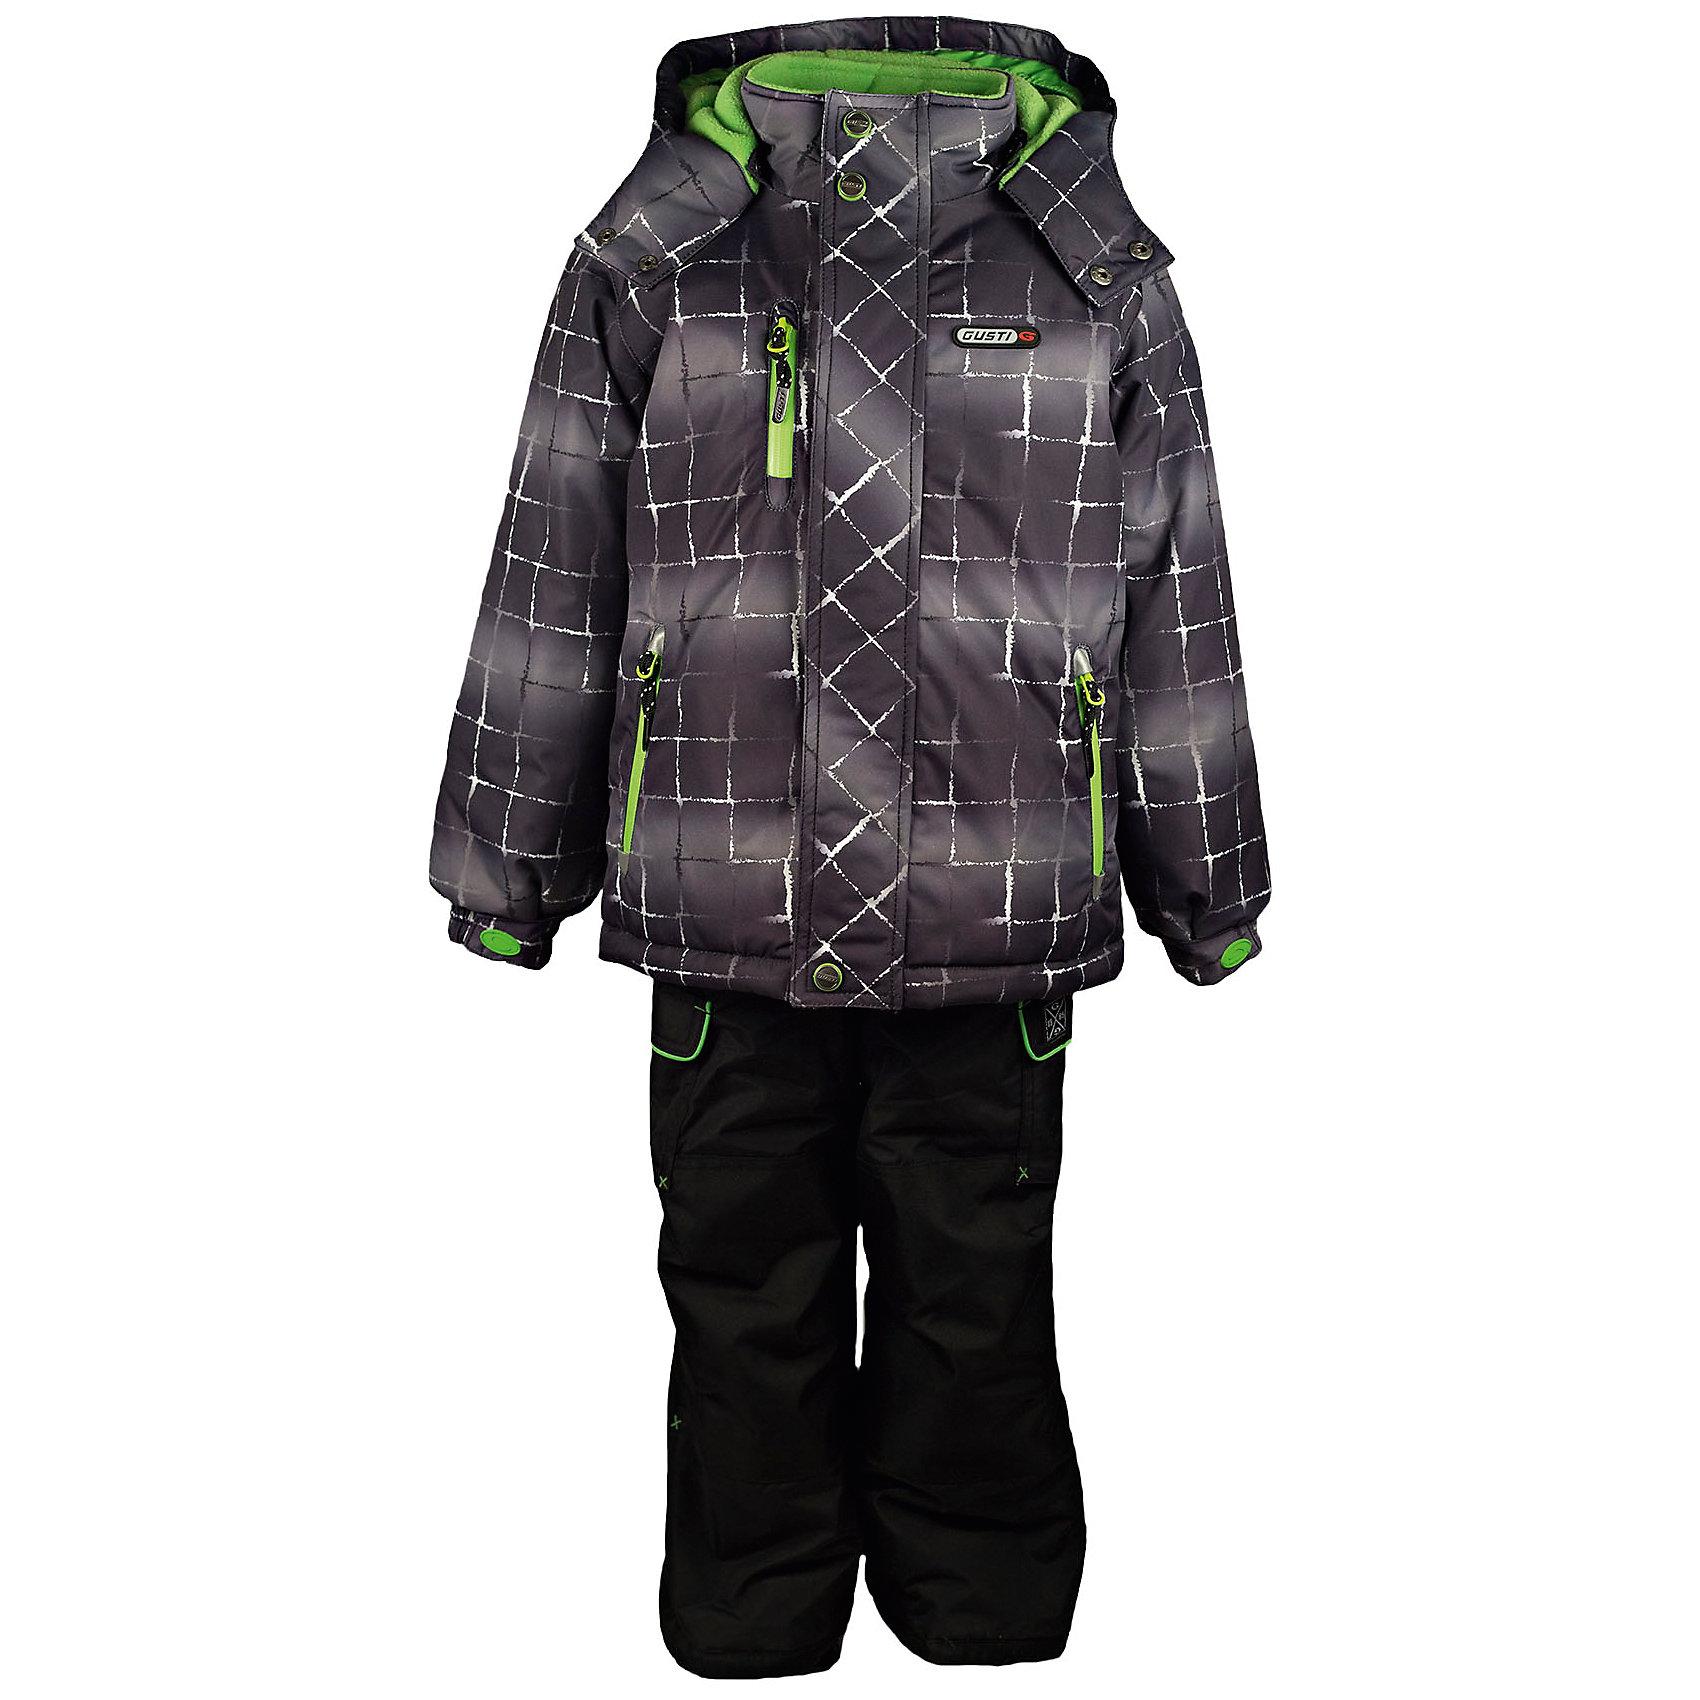 Комплект: куртка и полукомбинезон GUSTIКомплект: куртка и полукомбинезон GUSTI (ГУСТИ) – это идеальный вариант для суровой зимы с сильными морозами.<br><br>Температурный режим: до -30  градусов. Степень утепления – высокая. <br><br>* Температурный режим указан приблизительно — необходимо, прежде всего, ориентироваться на ощущения ребенка. Температурный режим работает в случае соблюдения правила многослойности – использования флисовой поддевы и термобелья.<br><br>Комплект от GUSTI (ГУСТИ) состоит из куртки и полукомбинезона прямого кроя, выполненных из плотного непромокаемого материала с защитной от влаги мембраной 5000 мм. Тань хорошо сохраняет тепло, отталкивает влагу и позволяет коже ребенка дышать. Утеплитель из тек-полифилла и флисовая внутренняя отделка на груди и на спинке дают возможность использовать комплект при очень низких температурах. Куртка застегивается на молнию с ветрозащитной планкой, имеет внутренние карманы на молниях, снегозащитную юбку, трикотажные манжеты в рукавах, отстёгивающийся прилегающий капюшон с флисовой подкладкой, высокий ворот с защитой подбородка. Низ рукавов регулируется с помощью липучек. Полукомбинезон застегивается на молнию, имеет два накладных кармана с клапанами, регулируемые лямки, снегозащитные гетры. Длина брючин регулируется (отворот с креплением на липе). Сзади, на коленях, и по низу брючин имеется дополнительный слой ткани Cordura Oxford (сверхстойкий полиэстер). До размера 6х (120 см.) у полукомбинезона высокая грудка, в размерах 7 (122 см.) - 14 (164см) отстегивающаяся спинка, грудки нет. Модель подходит для прогулок на морозе до -30 градусов.<br><br>Дополнительная информация:<br><br>- Сезон: зима<br>- Пол: мальчик<br>- Цвет: серый, черный, зеленый<br>- Узор: клетка<br>- Температурный режим до -30 градусов<br>- Материал верха: куртка - shuss 5000мм (100% полиэстер); брюки - taslan 5000мм, накладки Cordura Oxford сзади, на коленях, и по низу брючин<br>- Наполнитель: куртка - тек-полифилл плотностью 283 гр/м (10 унций)